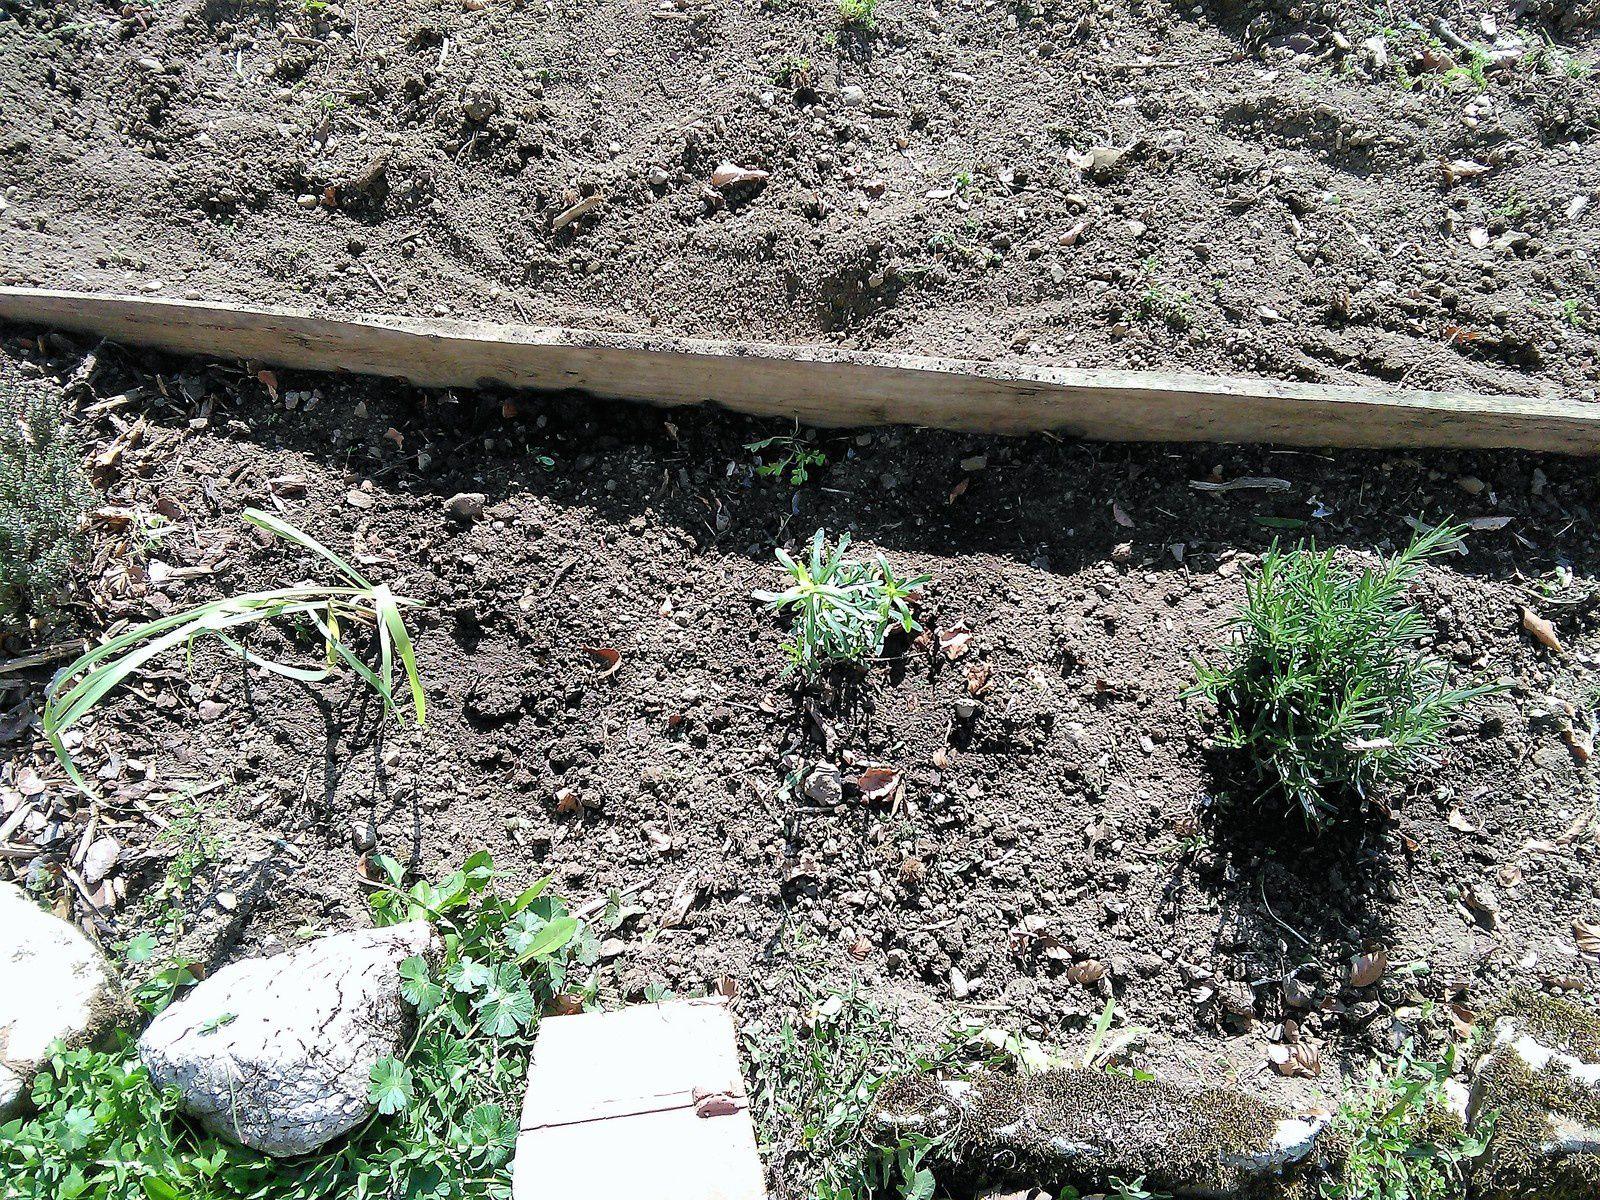 Les tulipes sortent, herbes aromatiques supplémentaires plantées, plantons de salade, semis de persil, coriandre et cerfeuil.